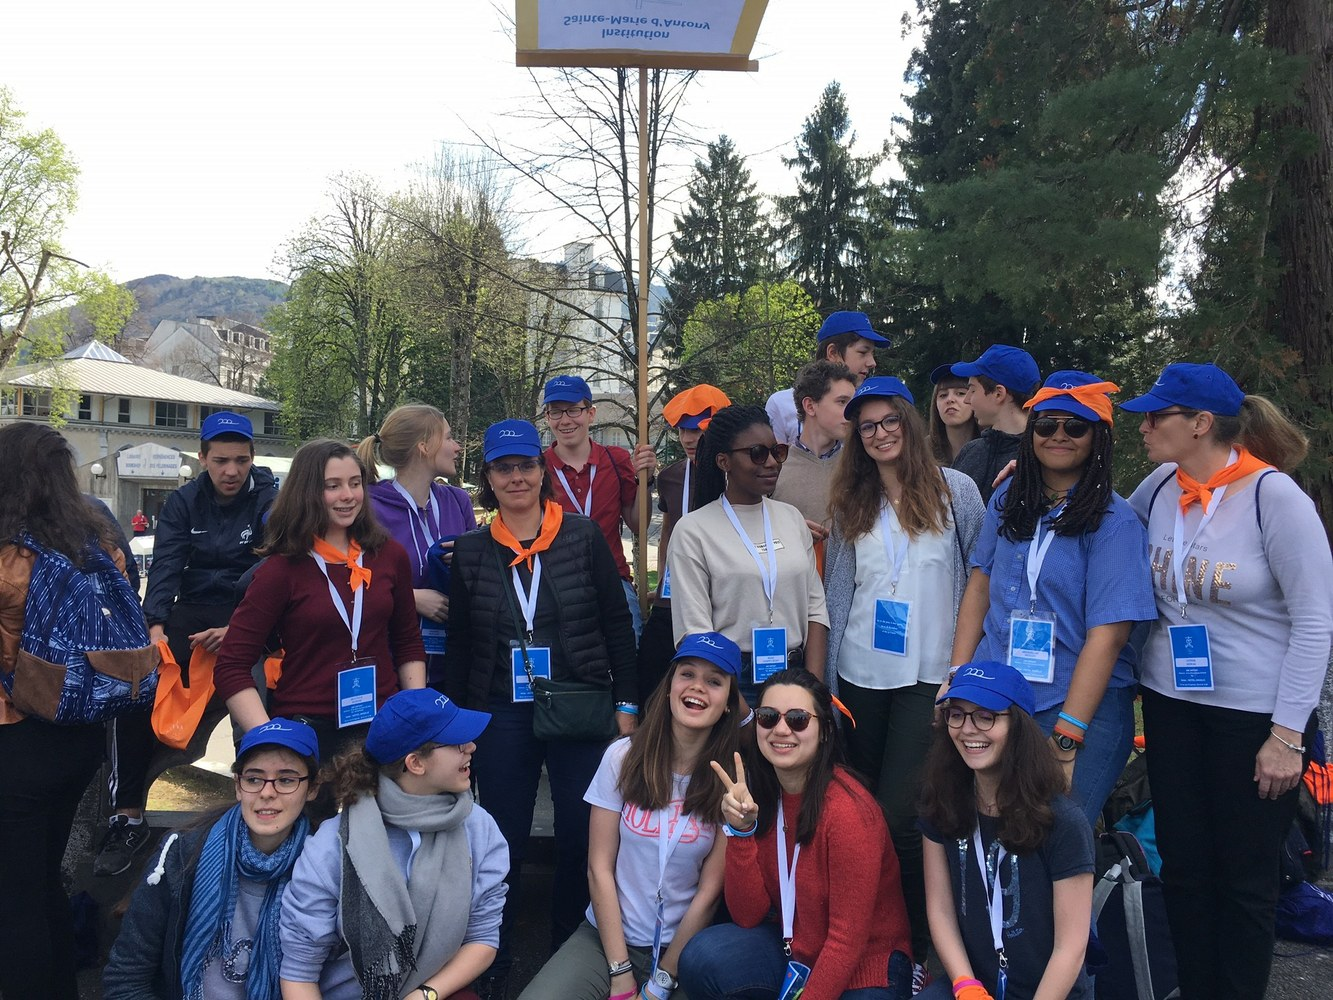 Lourdes2017 (15)